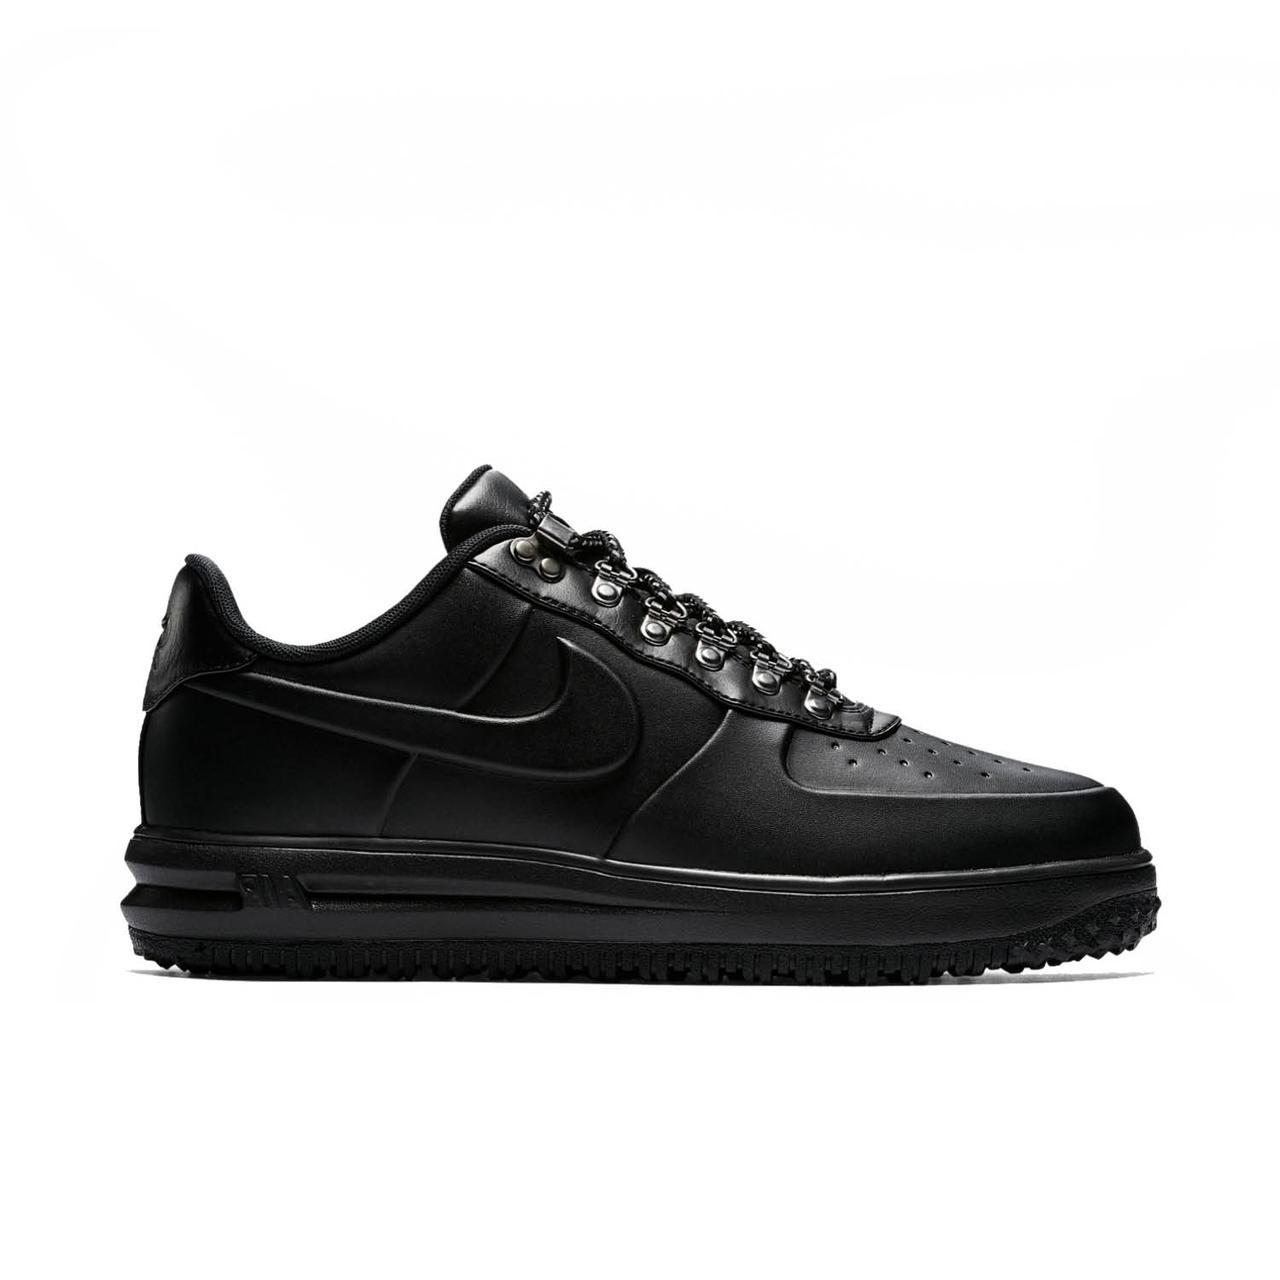 8828904f936a Оригинальные кроссовки Nike Lunar Force 1 DuckBoot Low Black ...